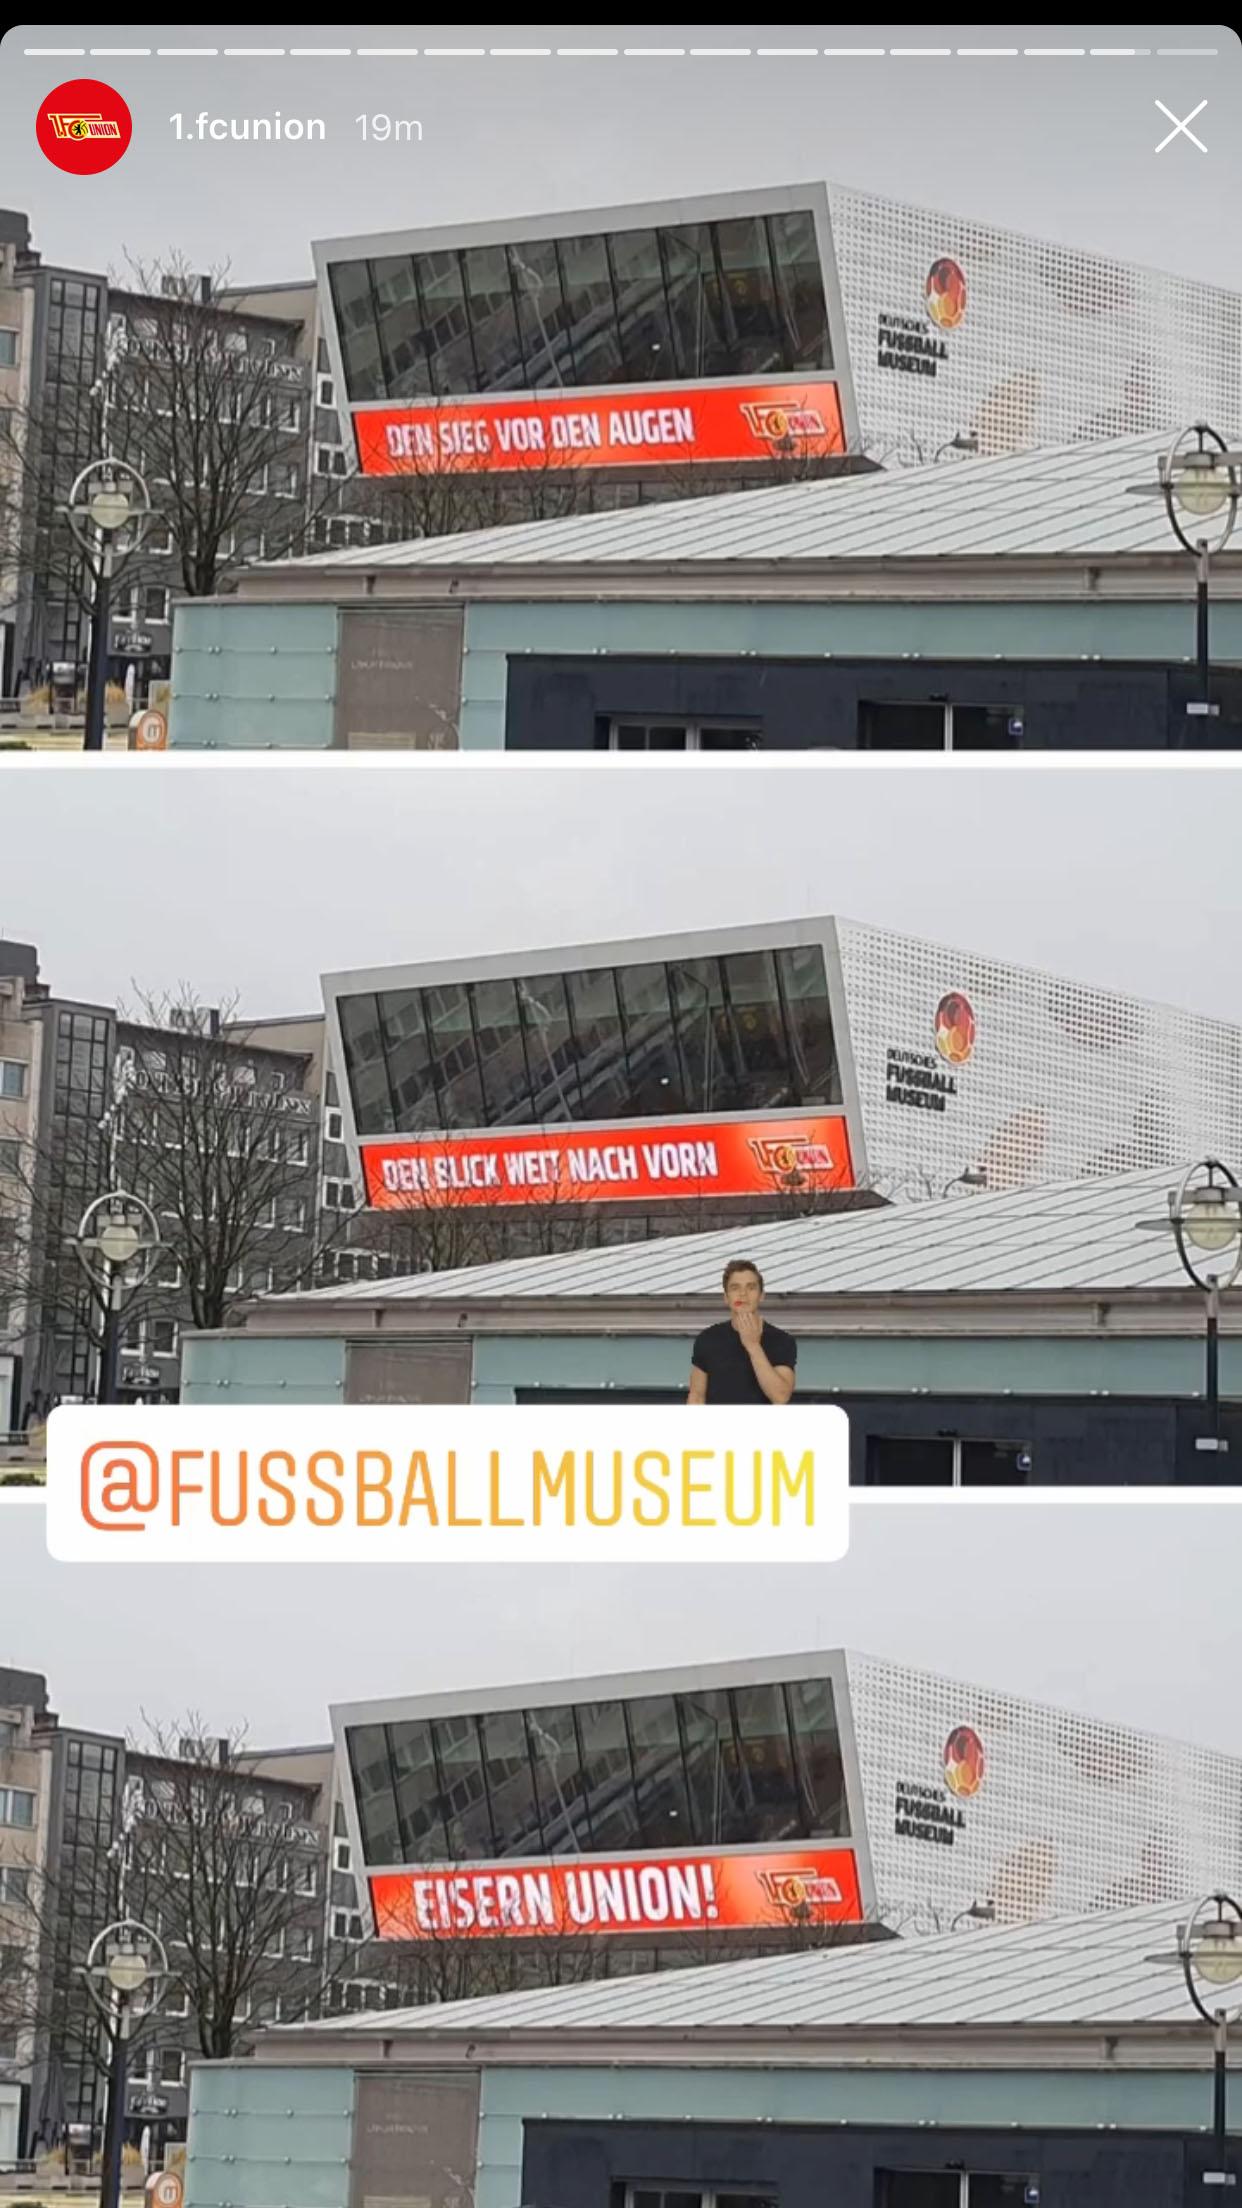 Das Fußballmuseum in Dortmund begrüßt die Union-Fans, Foto: 1. FC Union Instagram